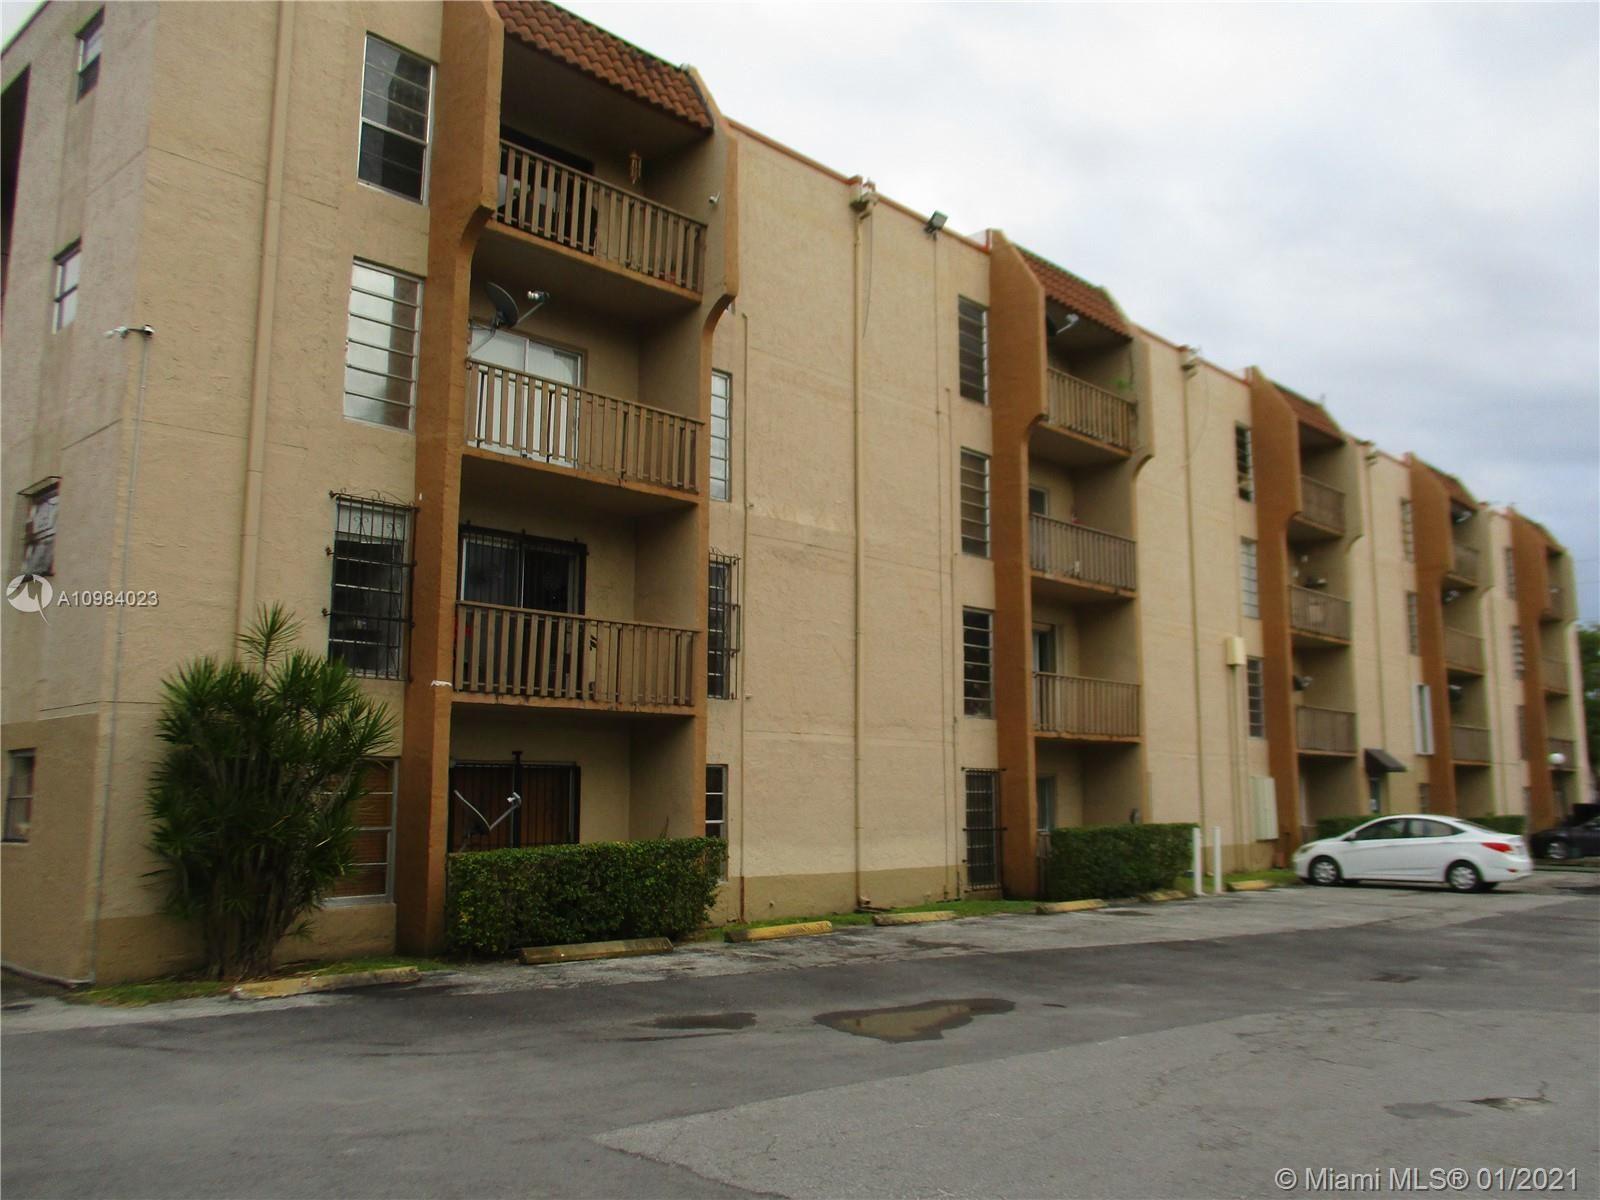 4855 NW 7th St #4066, Miami, FL 33126 - #: A10984023